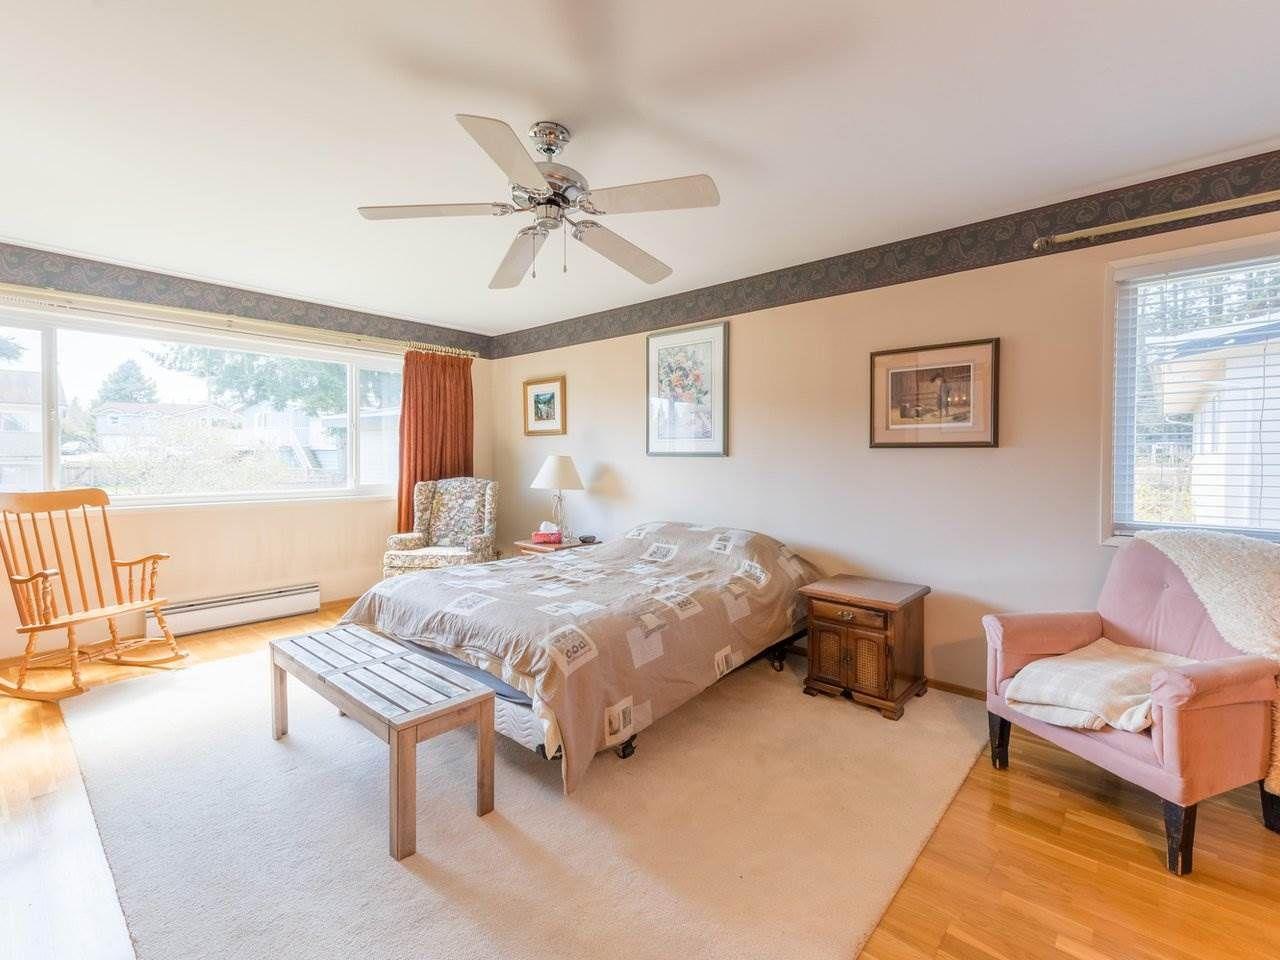 Photo 18: Photos: 808 REGAN Avenue in Coquitlam: Coquitlam West House for sale : MLS®# R2563486